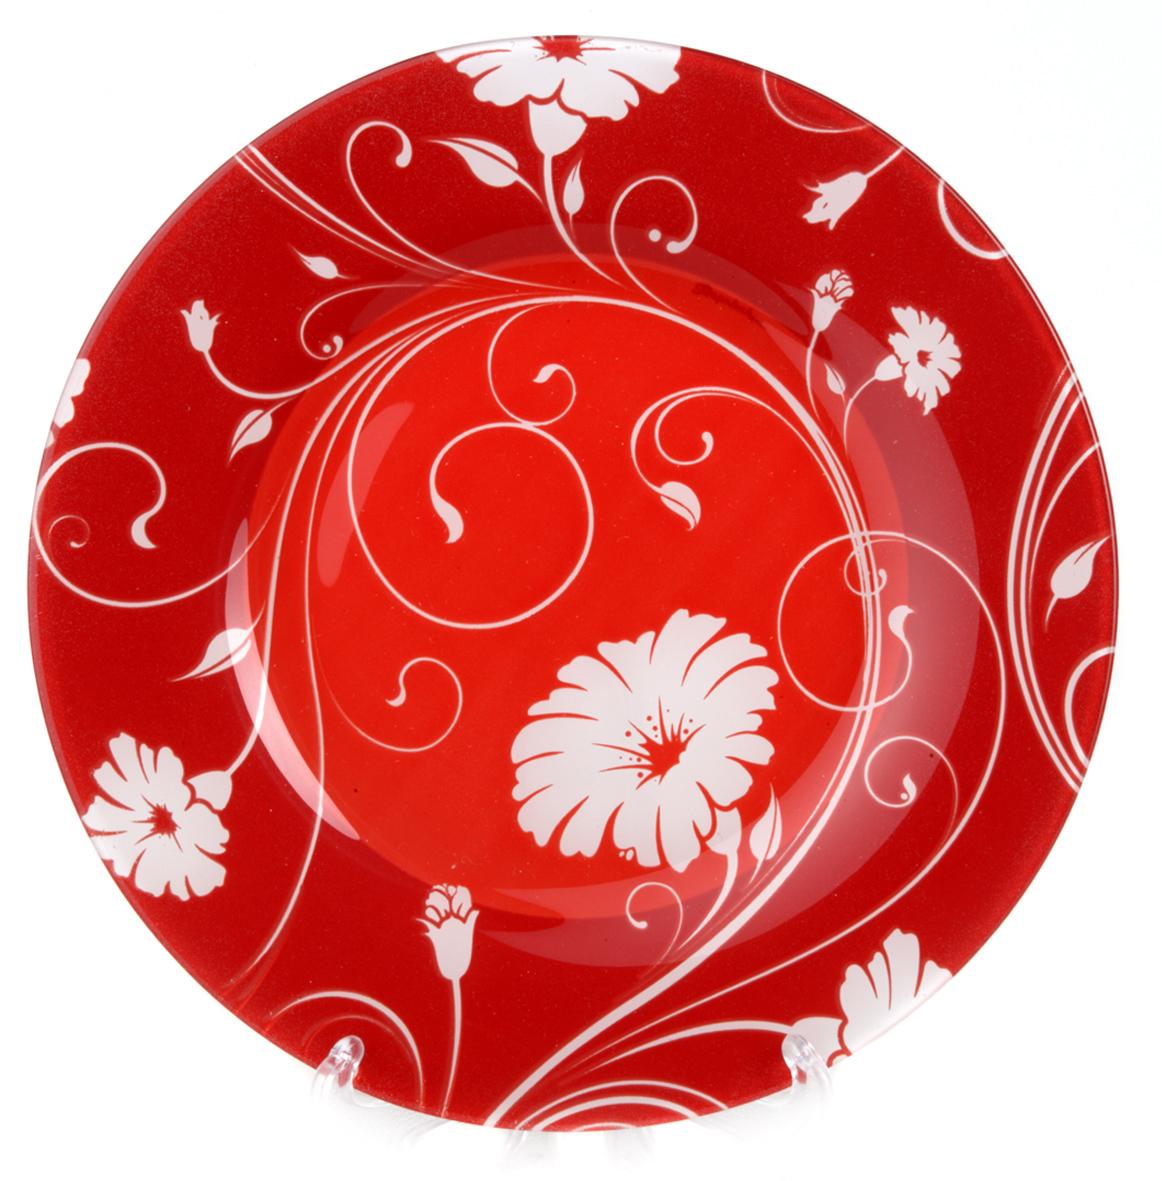 Тарелка из закаленного стекла SERENADE (на красном фоне белые цветы) d=195 мм